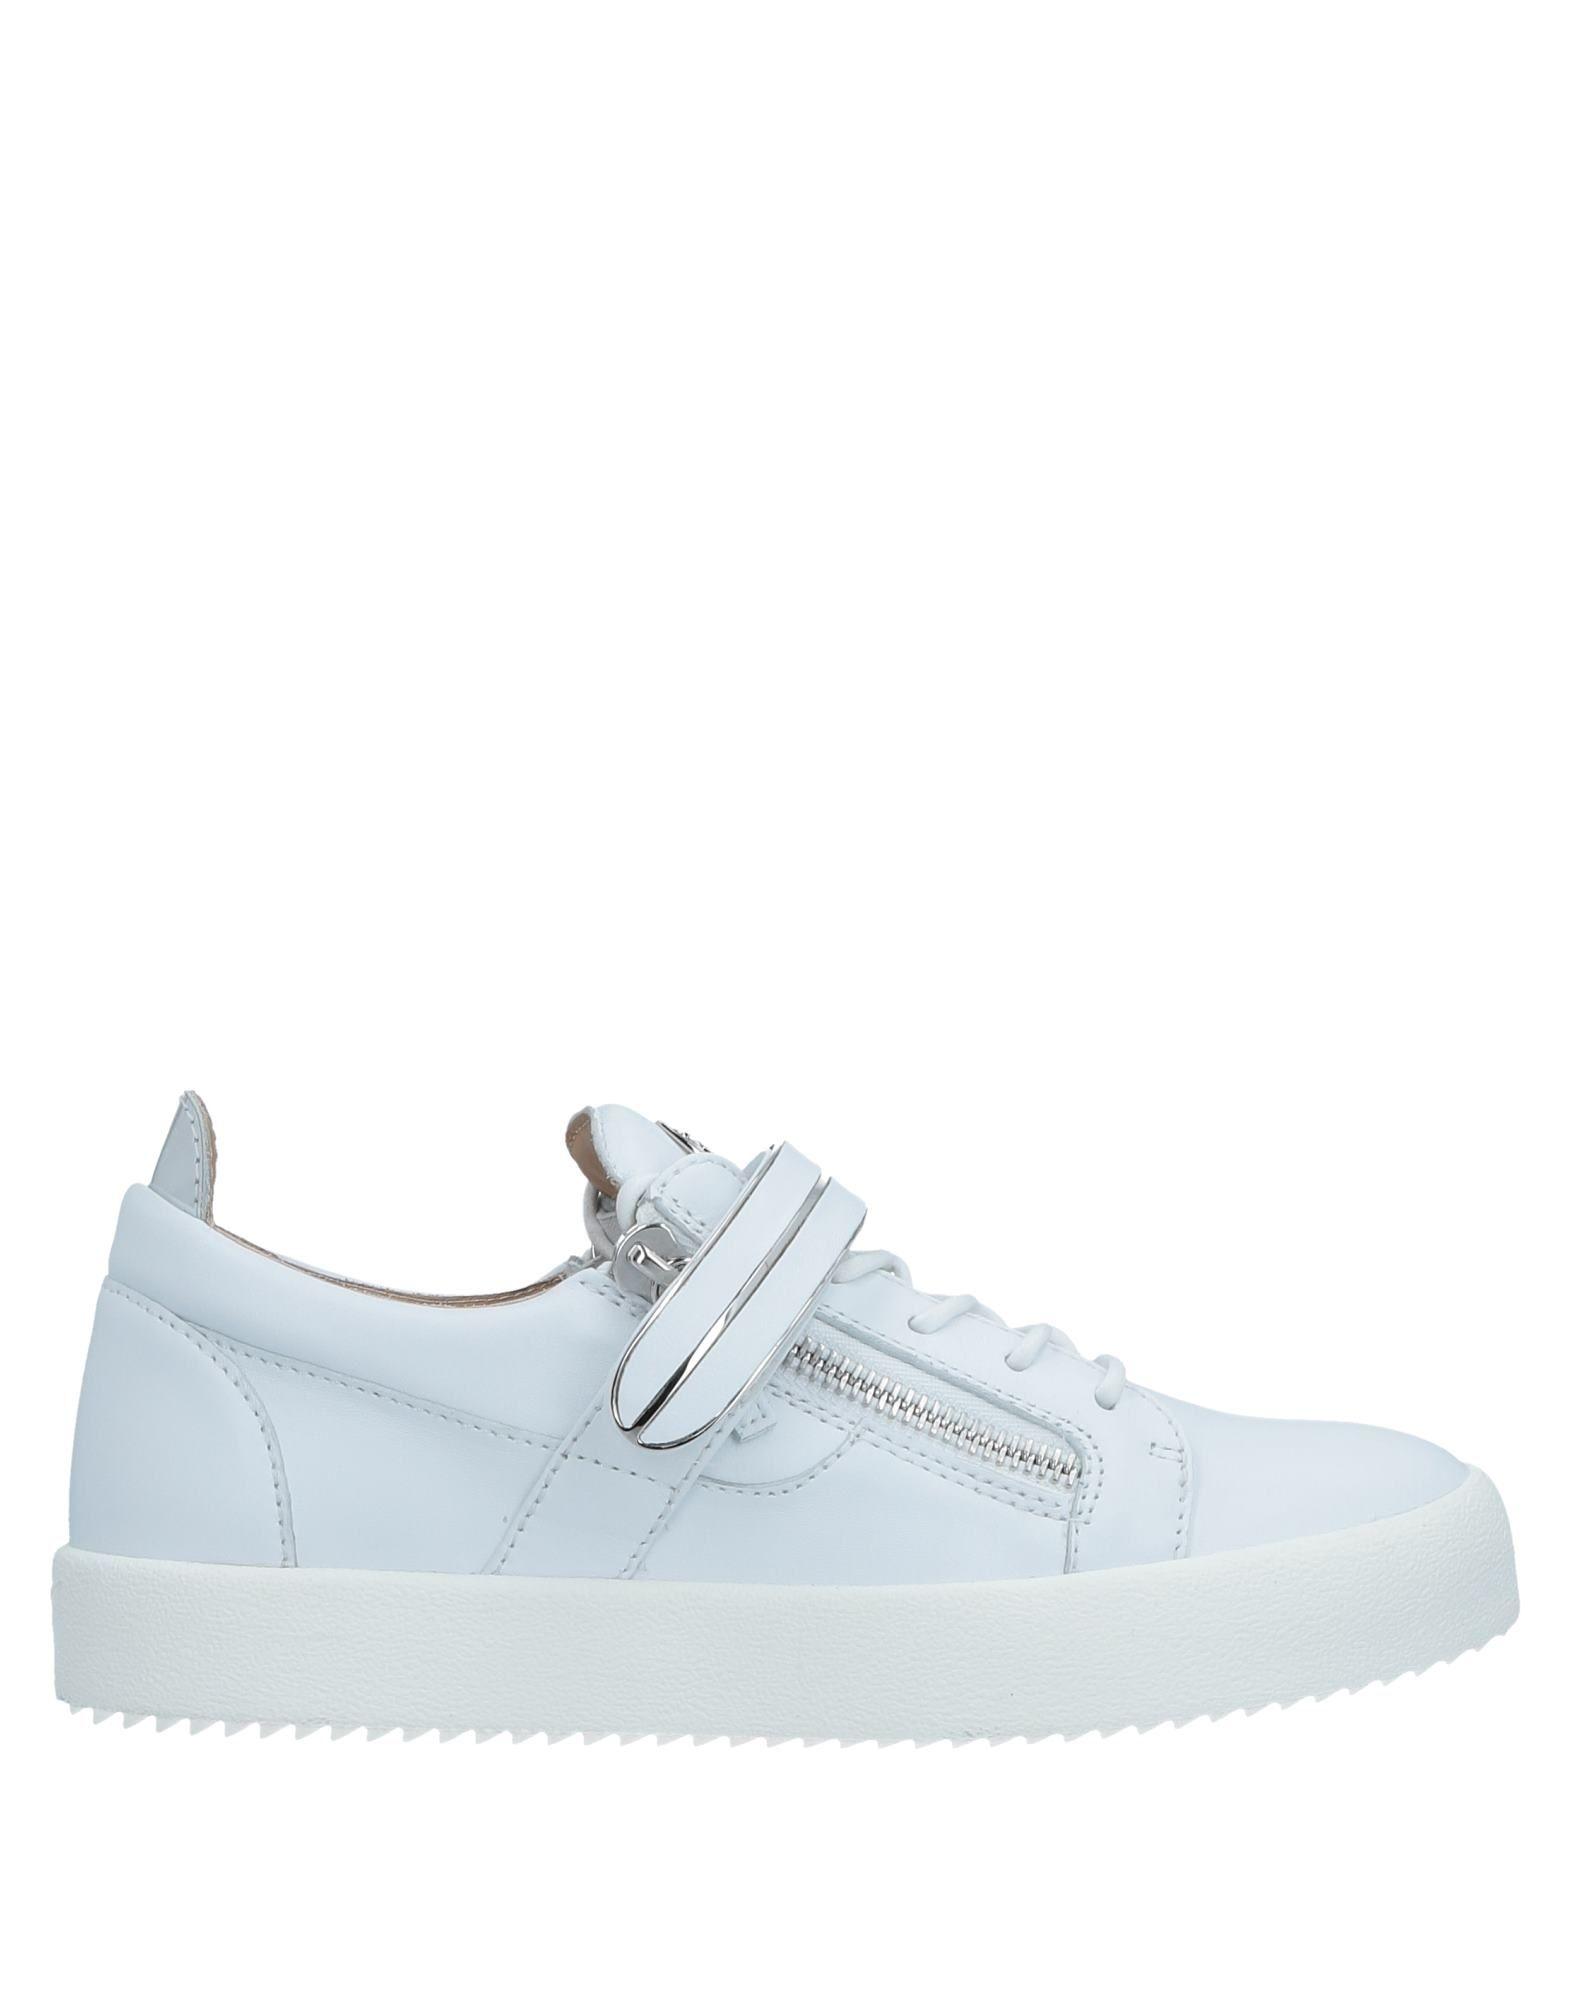 Sneakers Giuseppe Zanotti Homme - Sneakers Giuseppe Zanotti  Blanc Les chaussures les plus populaires pour les hommes et les femmes